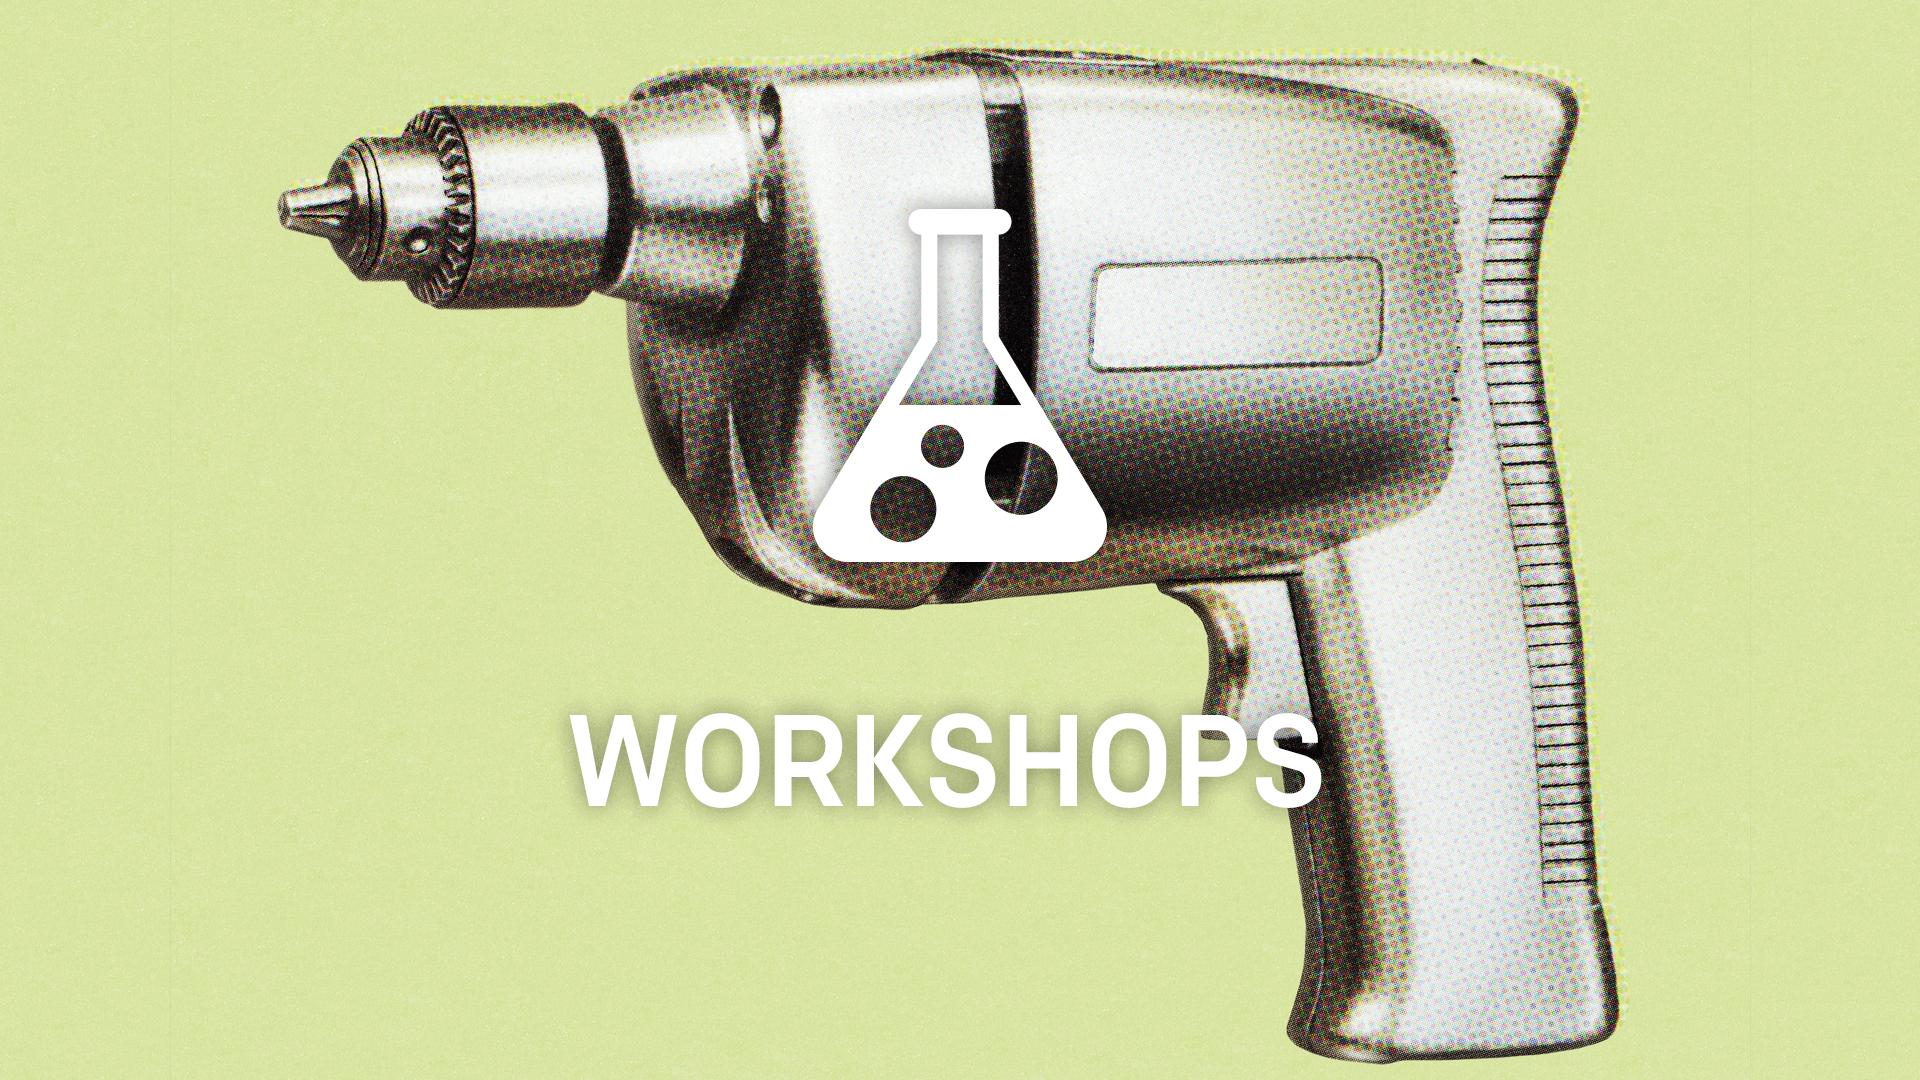 Special Workshops